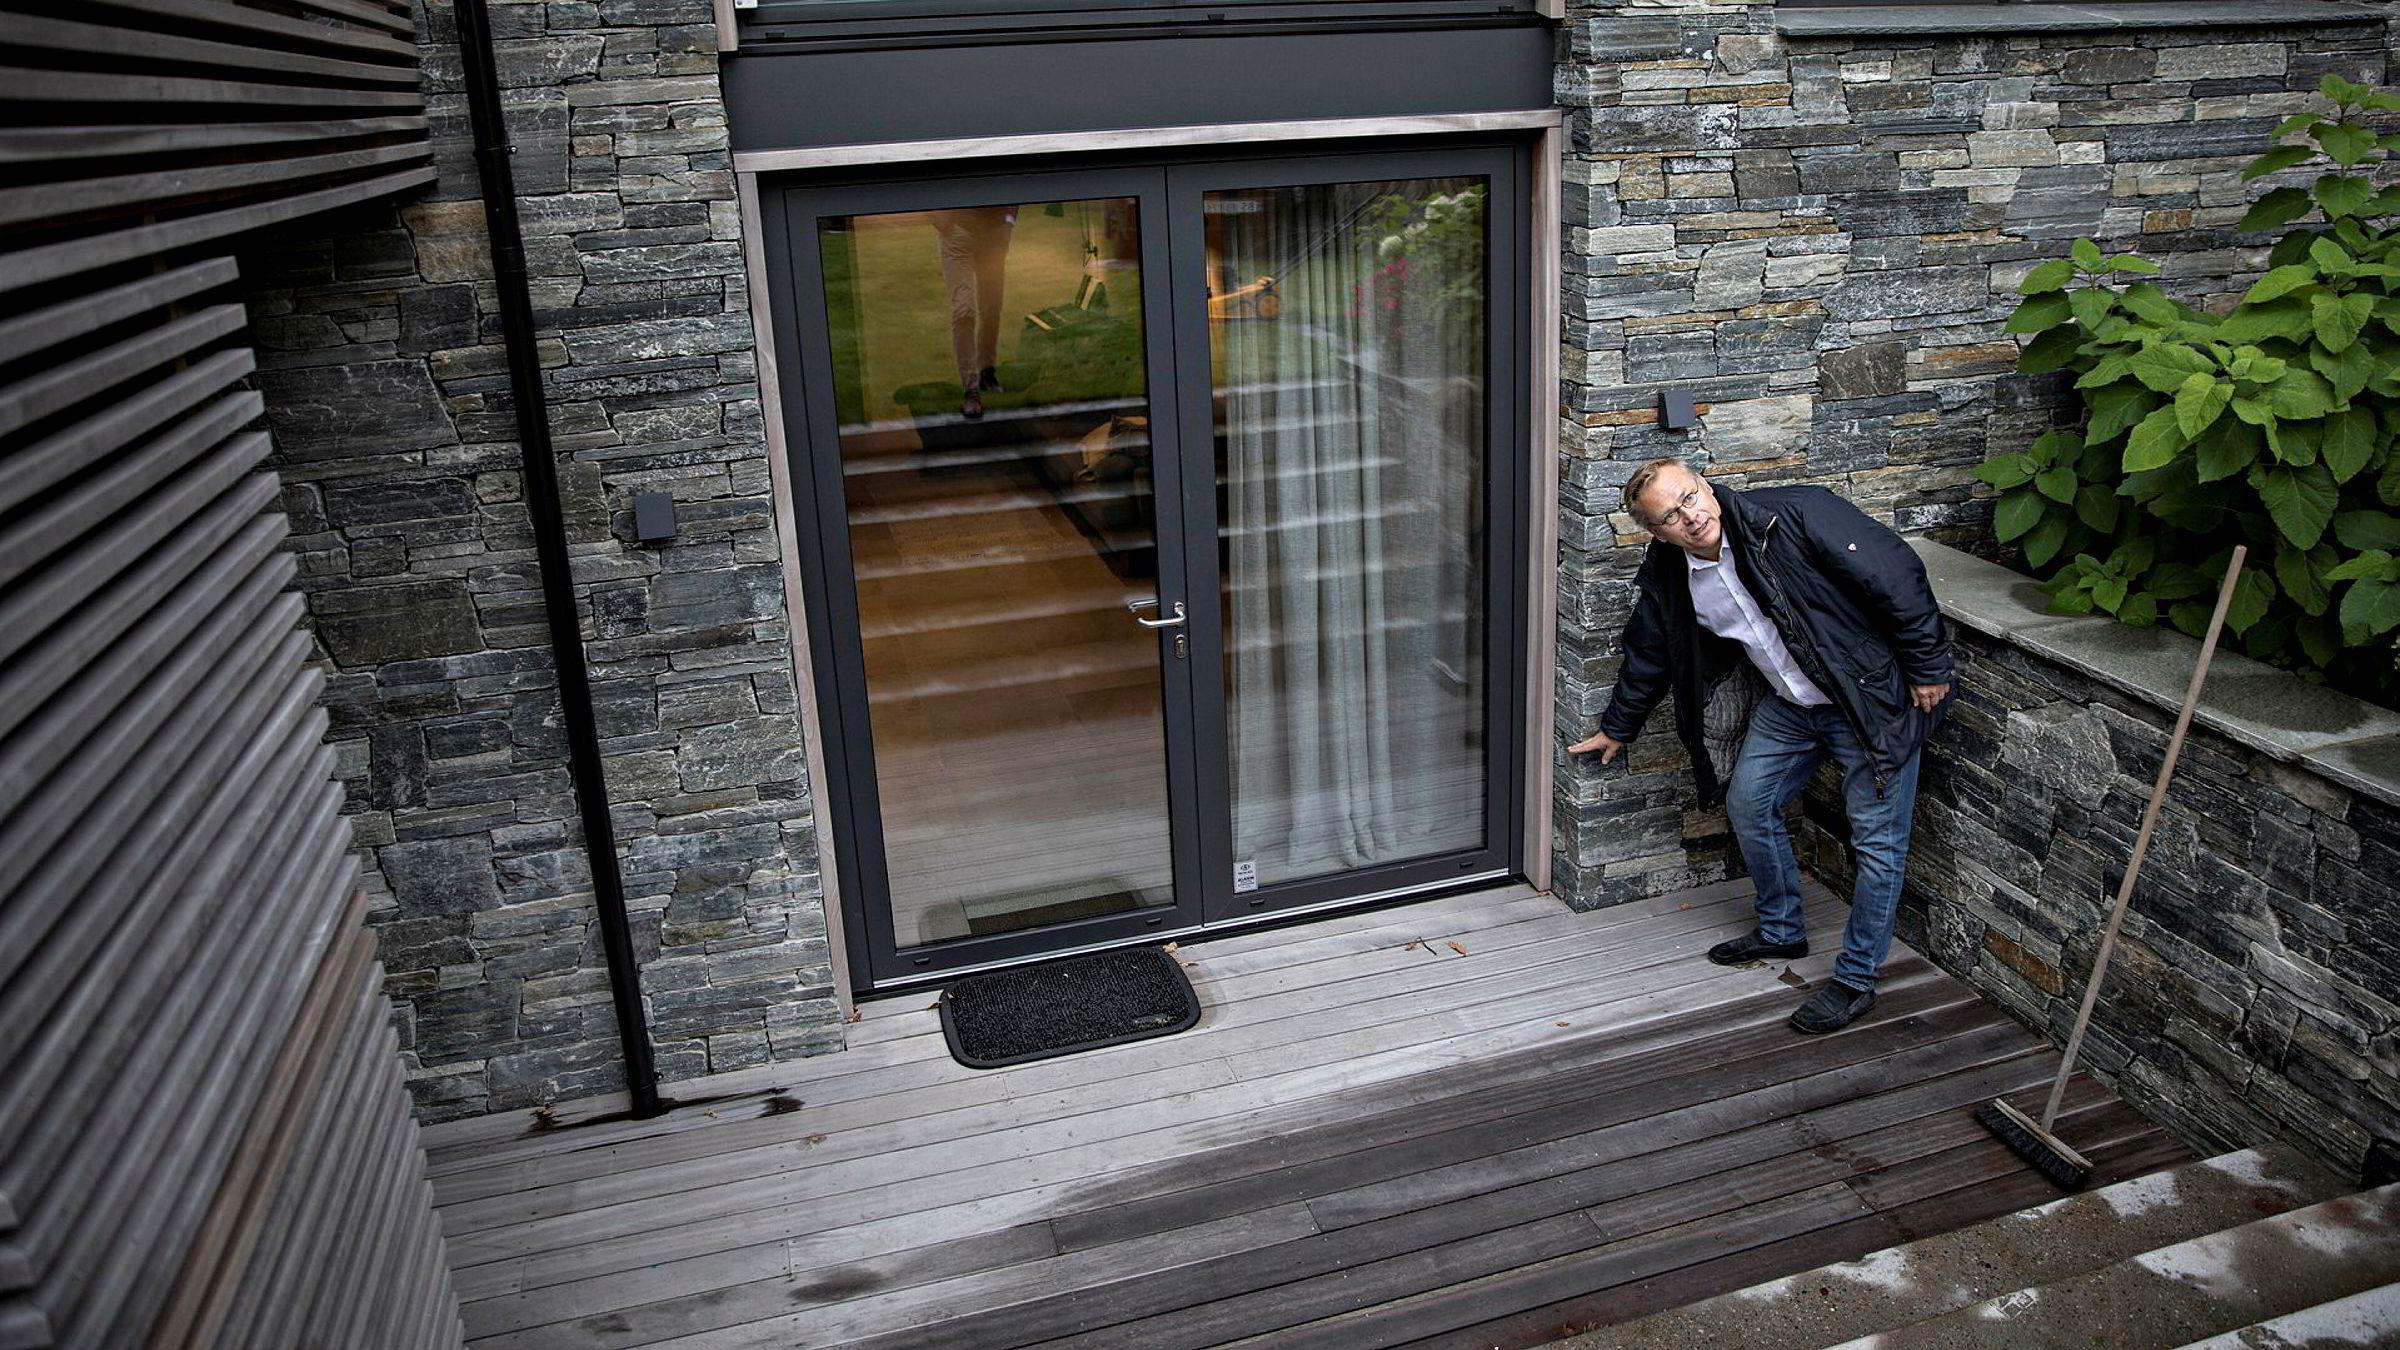 Arkitekt Rune Breili på befaring på hytta til Norden-sjef i Ernst & Young, Erik Mamelund. Den økte i bruksareal fra 146 kvadratmeter til 226 kvadratmeter etter flere endringsmeldinger, men endringene ble ikke behandlet som søknadspliktige for ny dispensasjon, og kom aldri til politikernes bord.